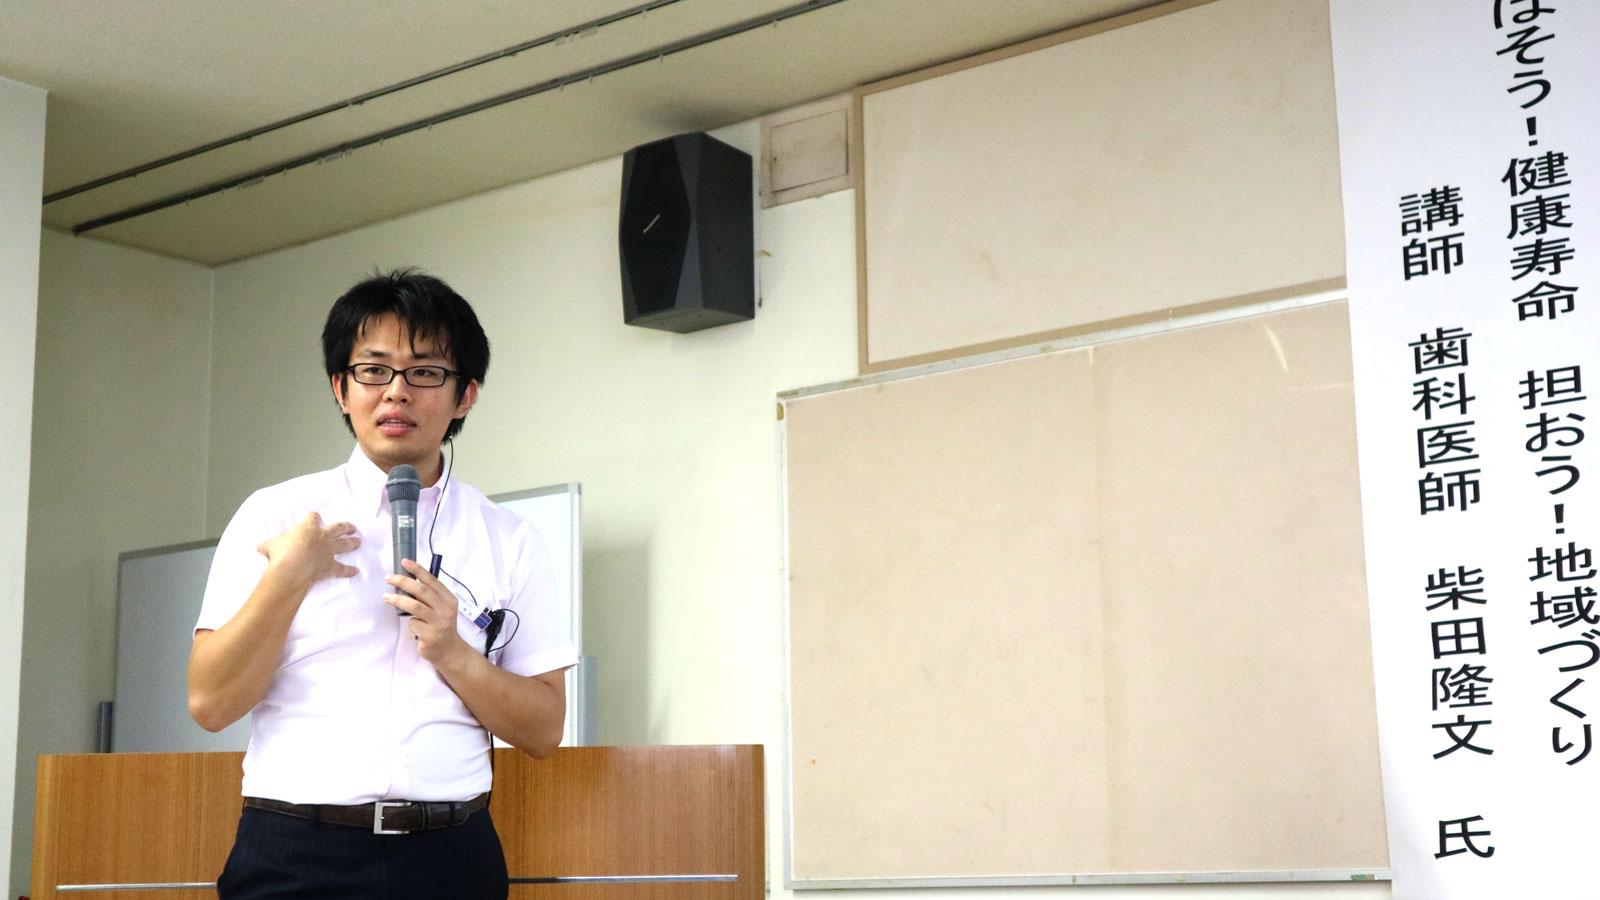 御笠川デンタルクリニック ヒカリの講演会